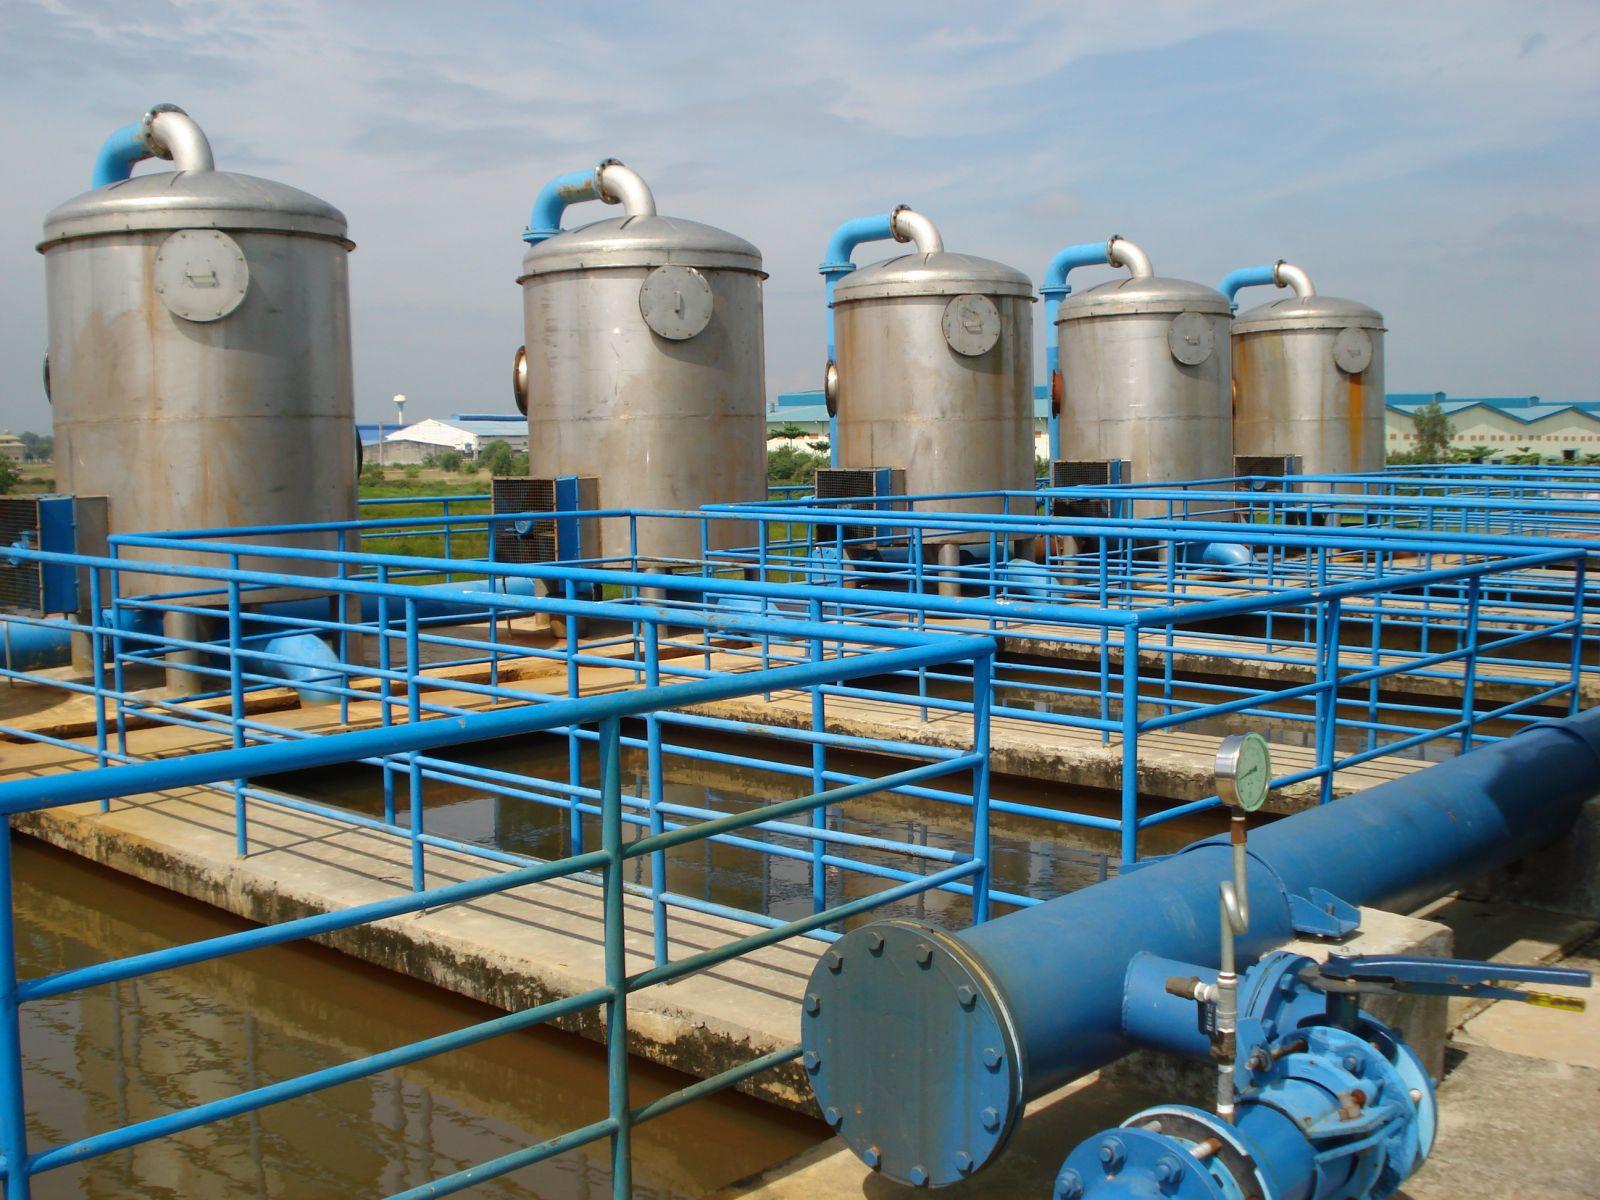 xử lý nước thải công suất 40m3 Cty Ortholite Việt Nam